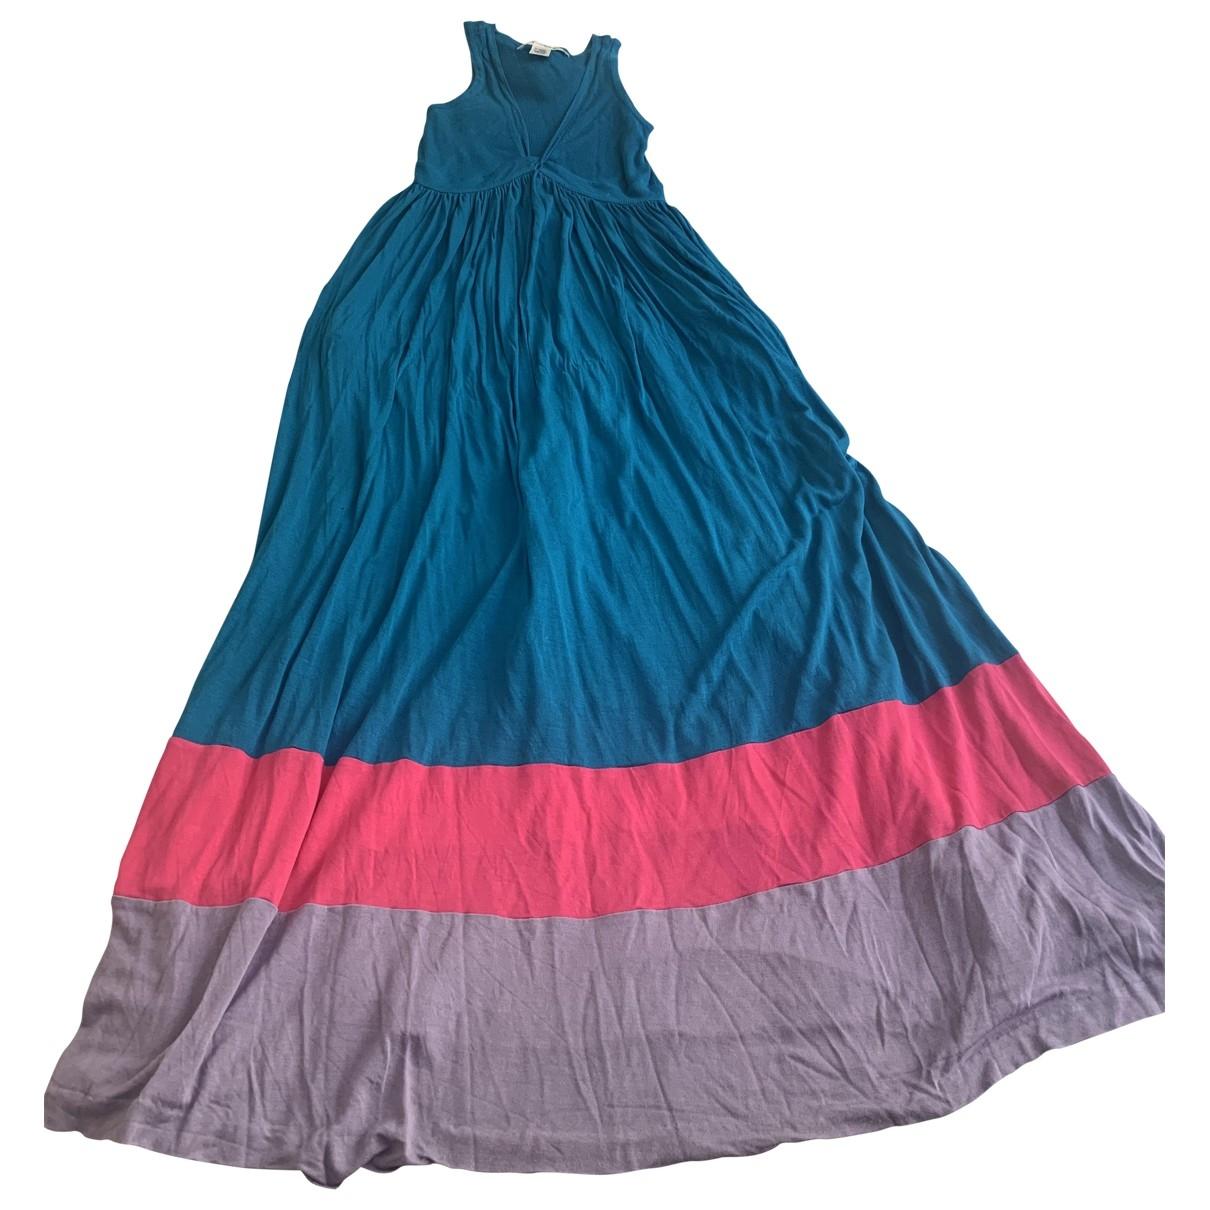 Diane Von Furstenberg \N Multicolour Cotton - elasthane dress for Women 10 US